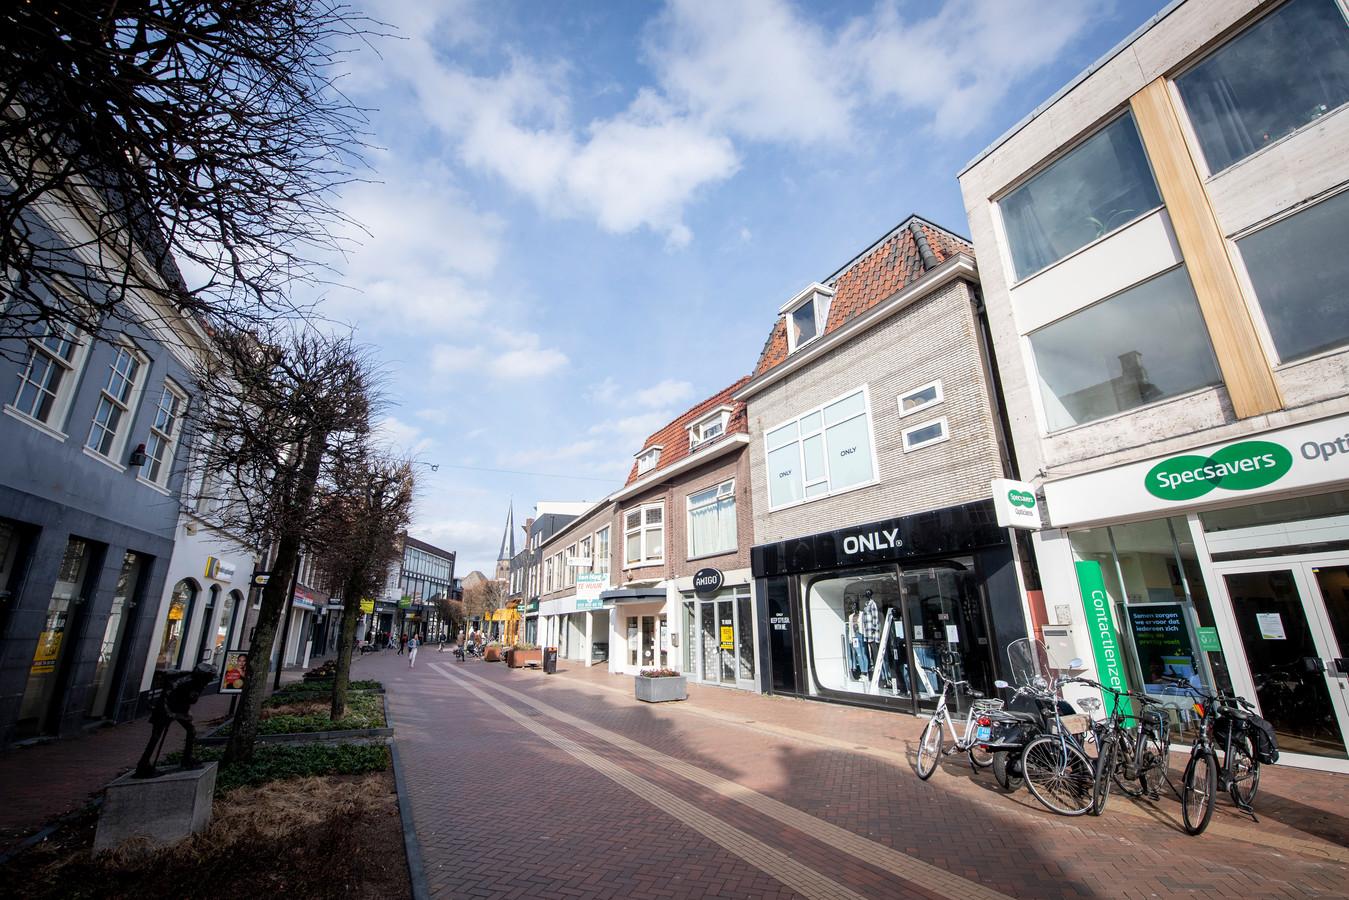 Dit is geen zondagsbeeld van de Almelose binnenstad, maar een doordeweekse dag nu. De Grotestraat is uitgestorven.